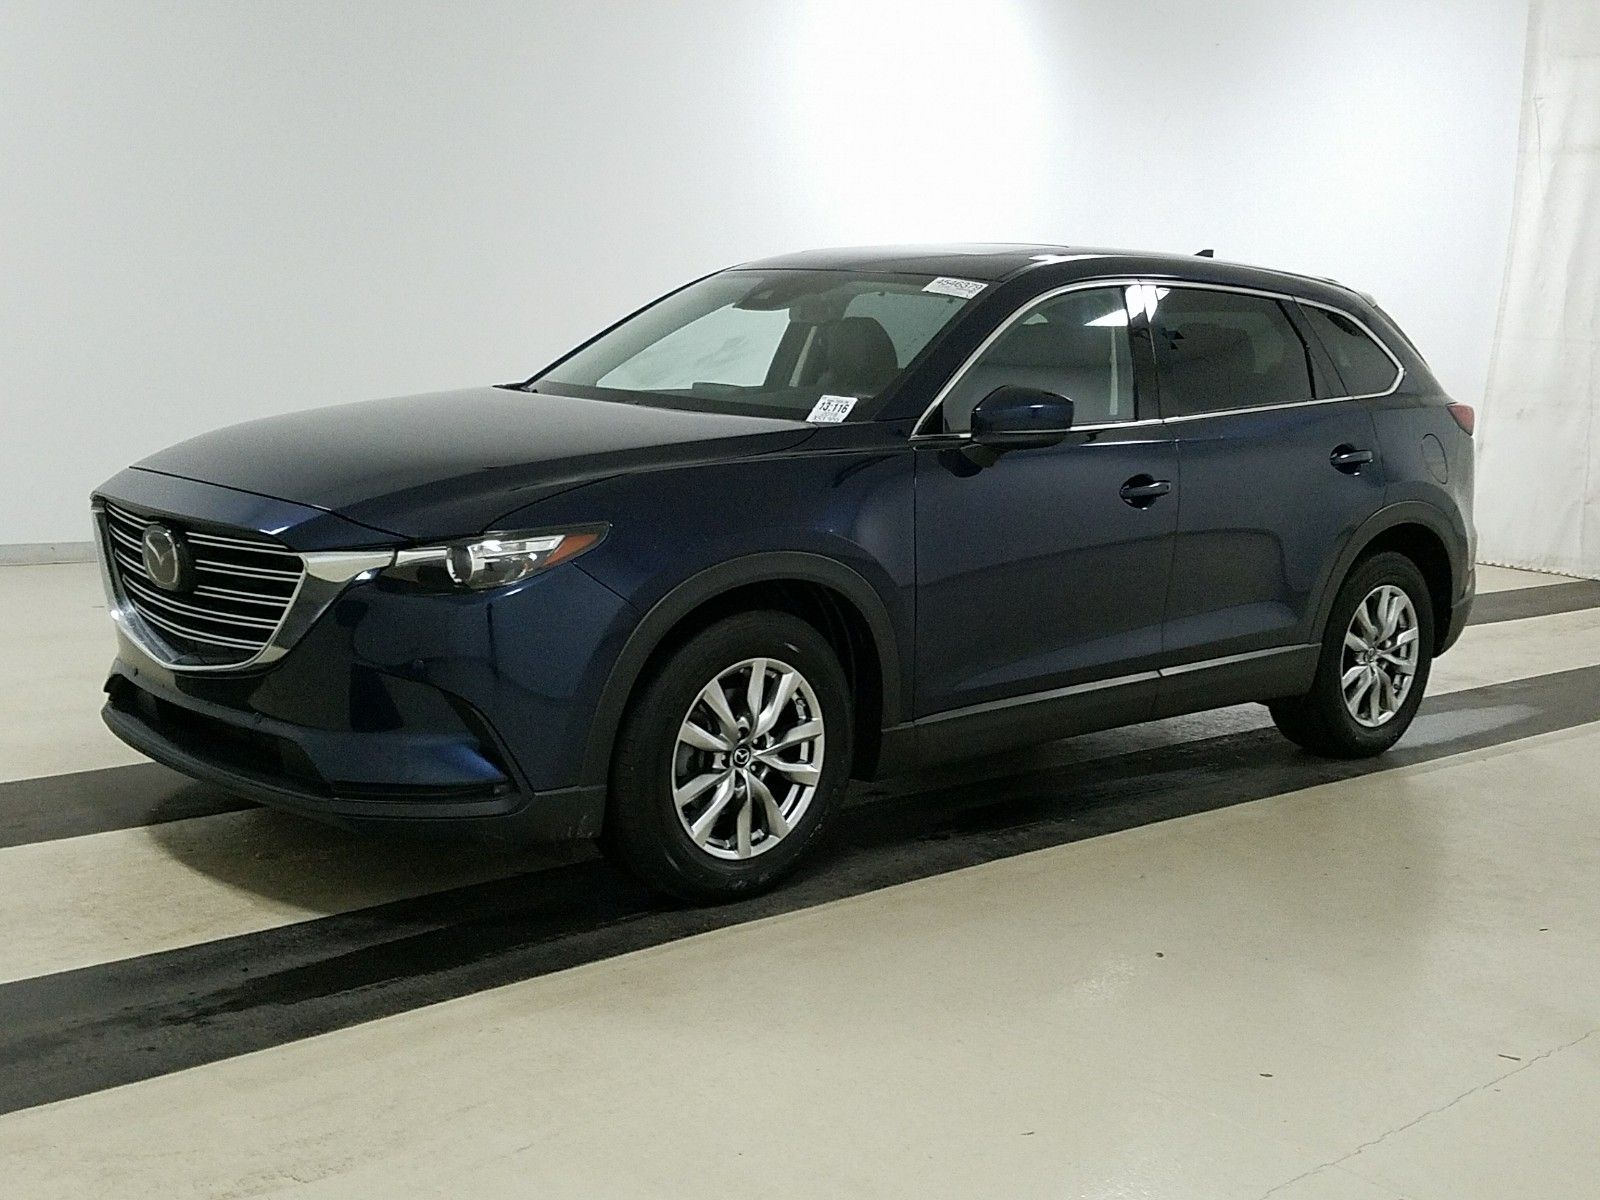 2018 Mazda Cx-9 2.5. Lot 99915993986 Vin JM3TCBCY7J0203123